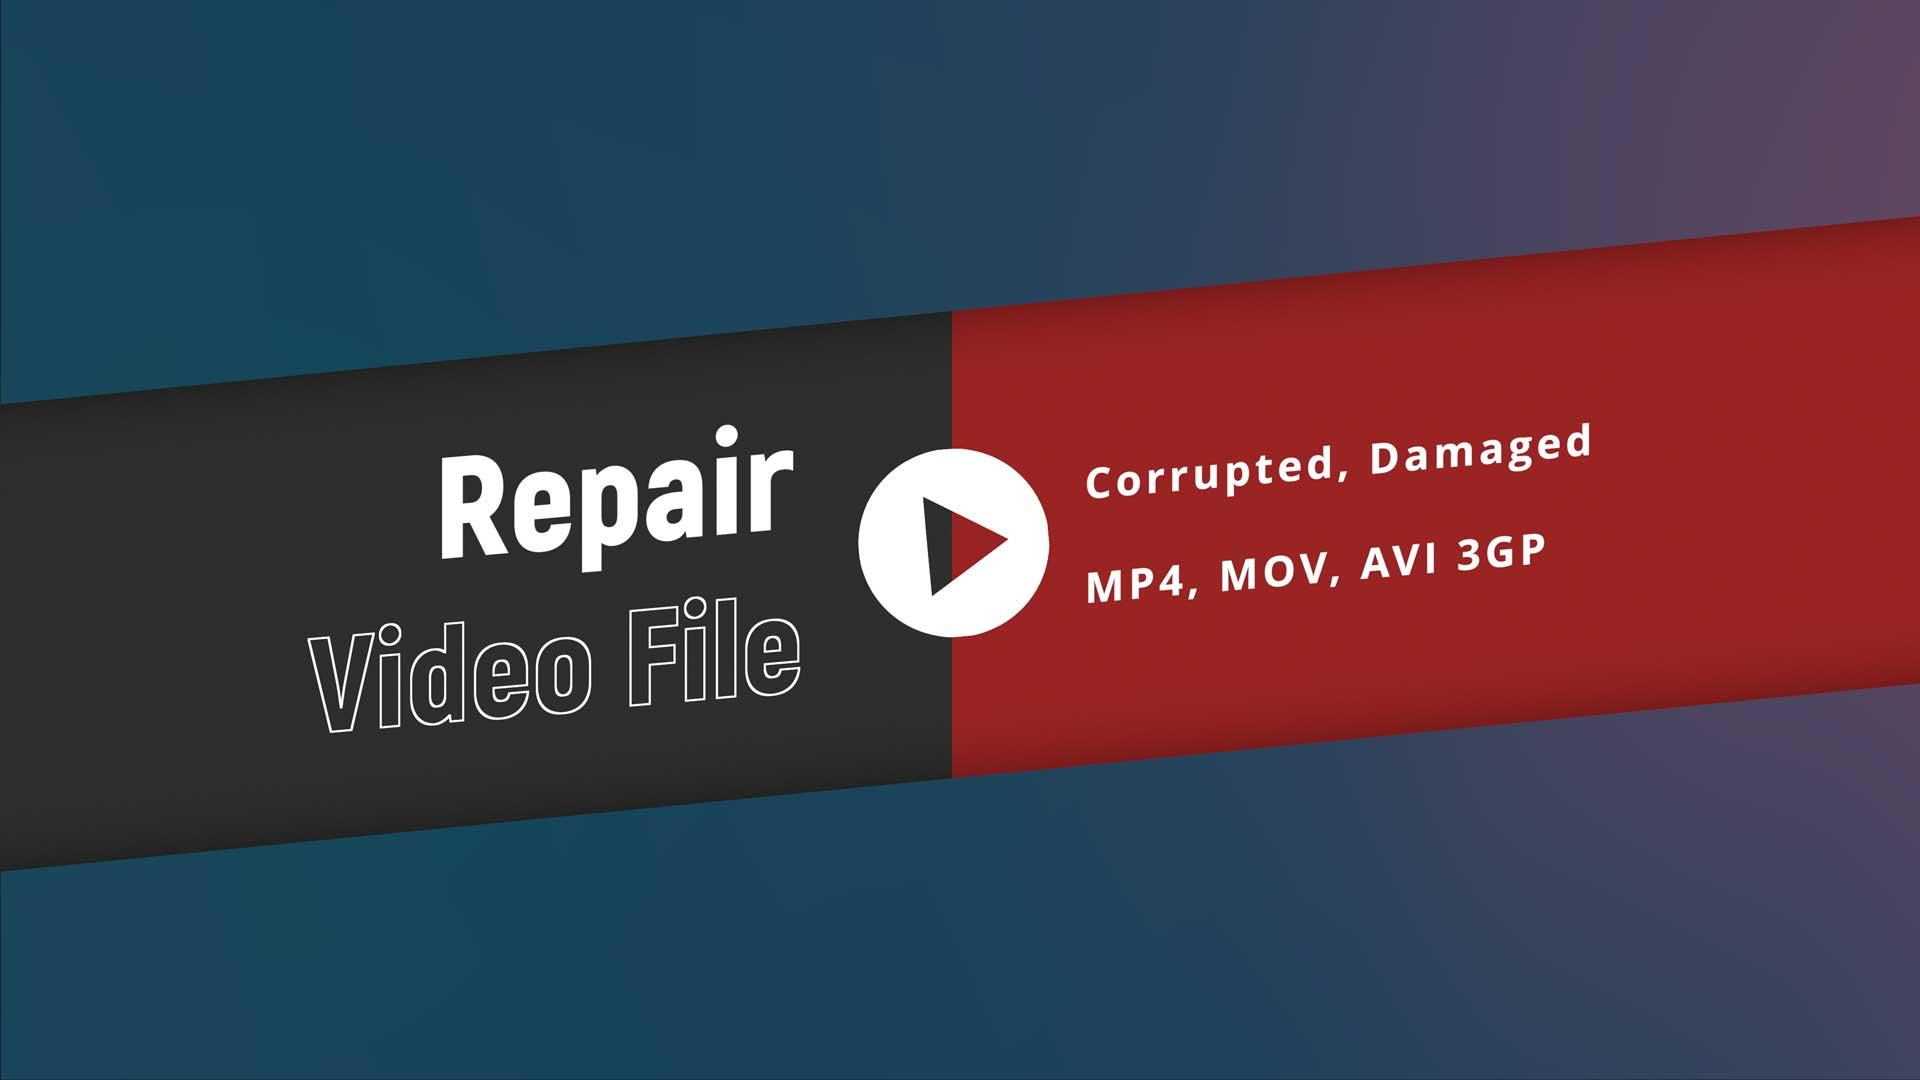 Repair Video File